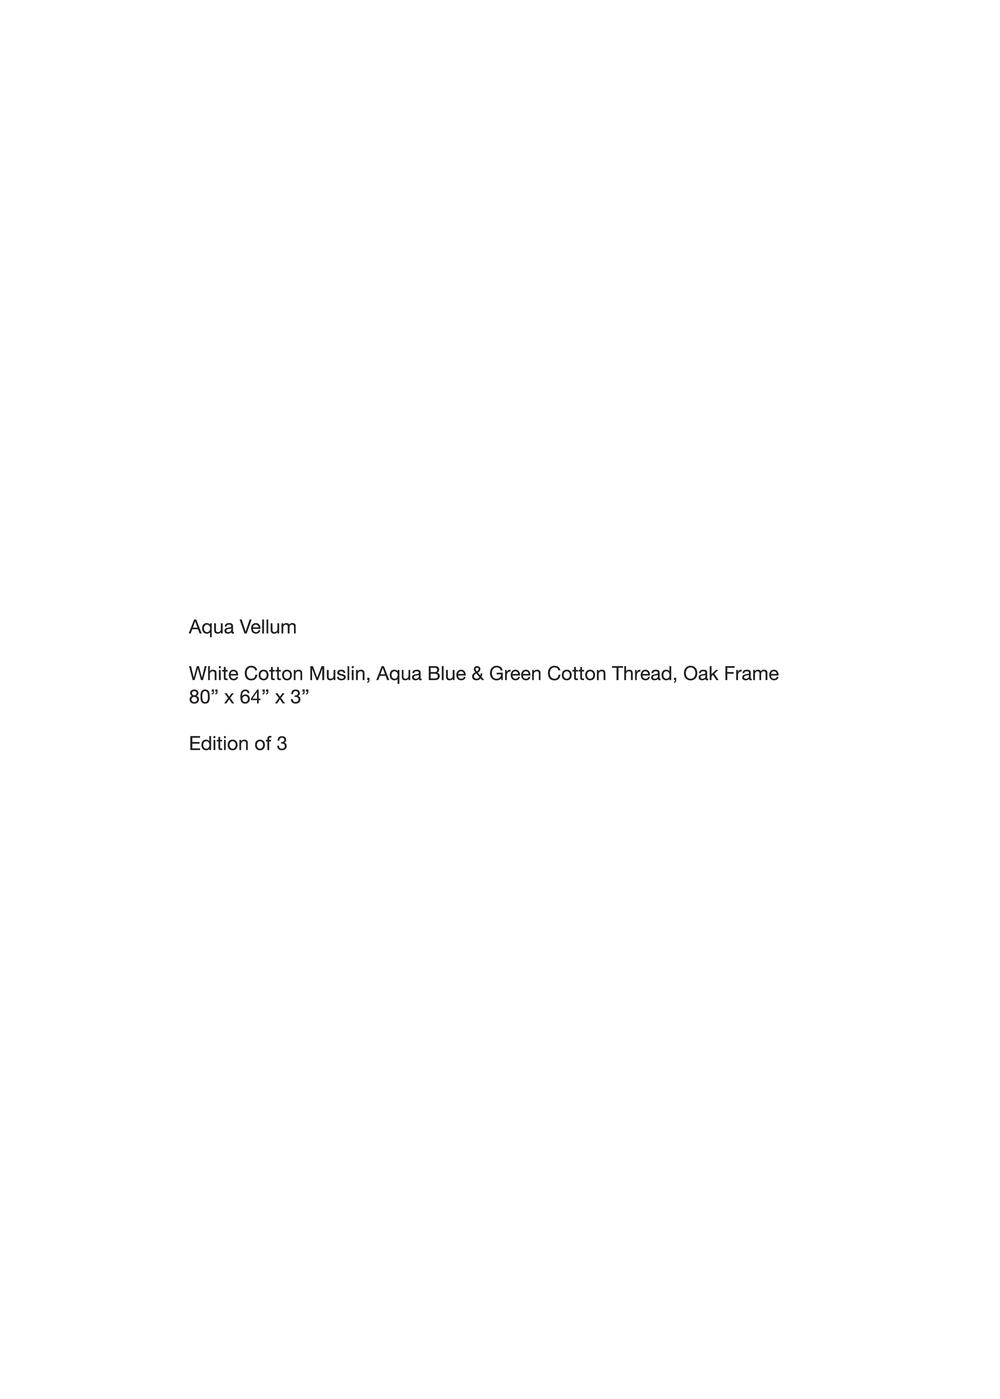 Nicole Patel Aqua Vellum Text-01.png